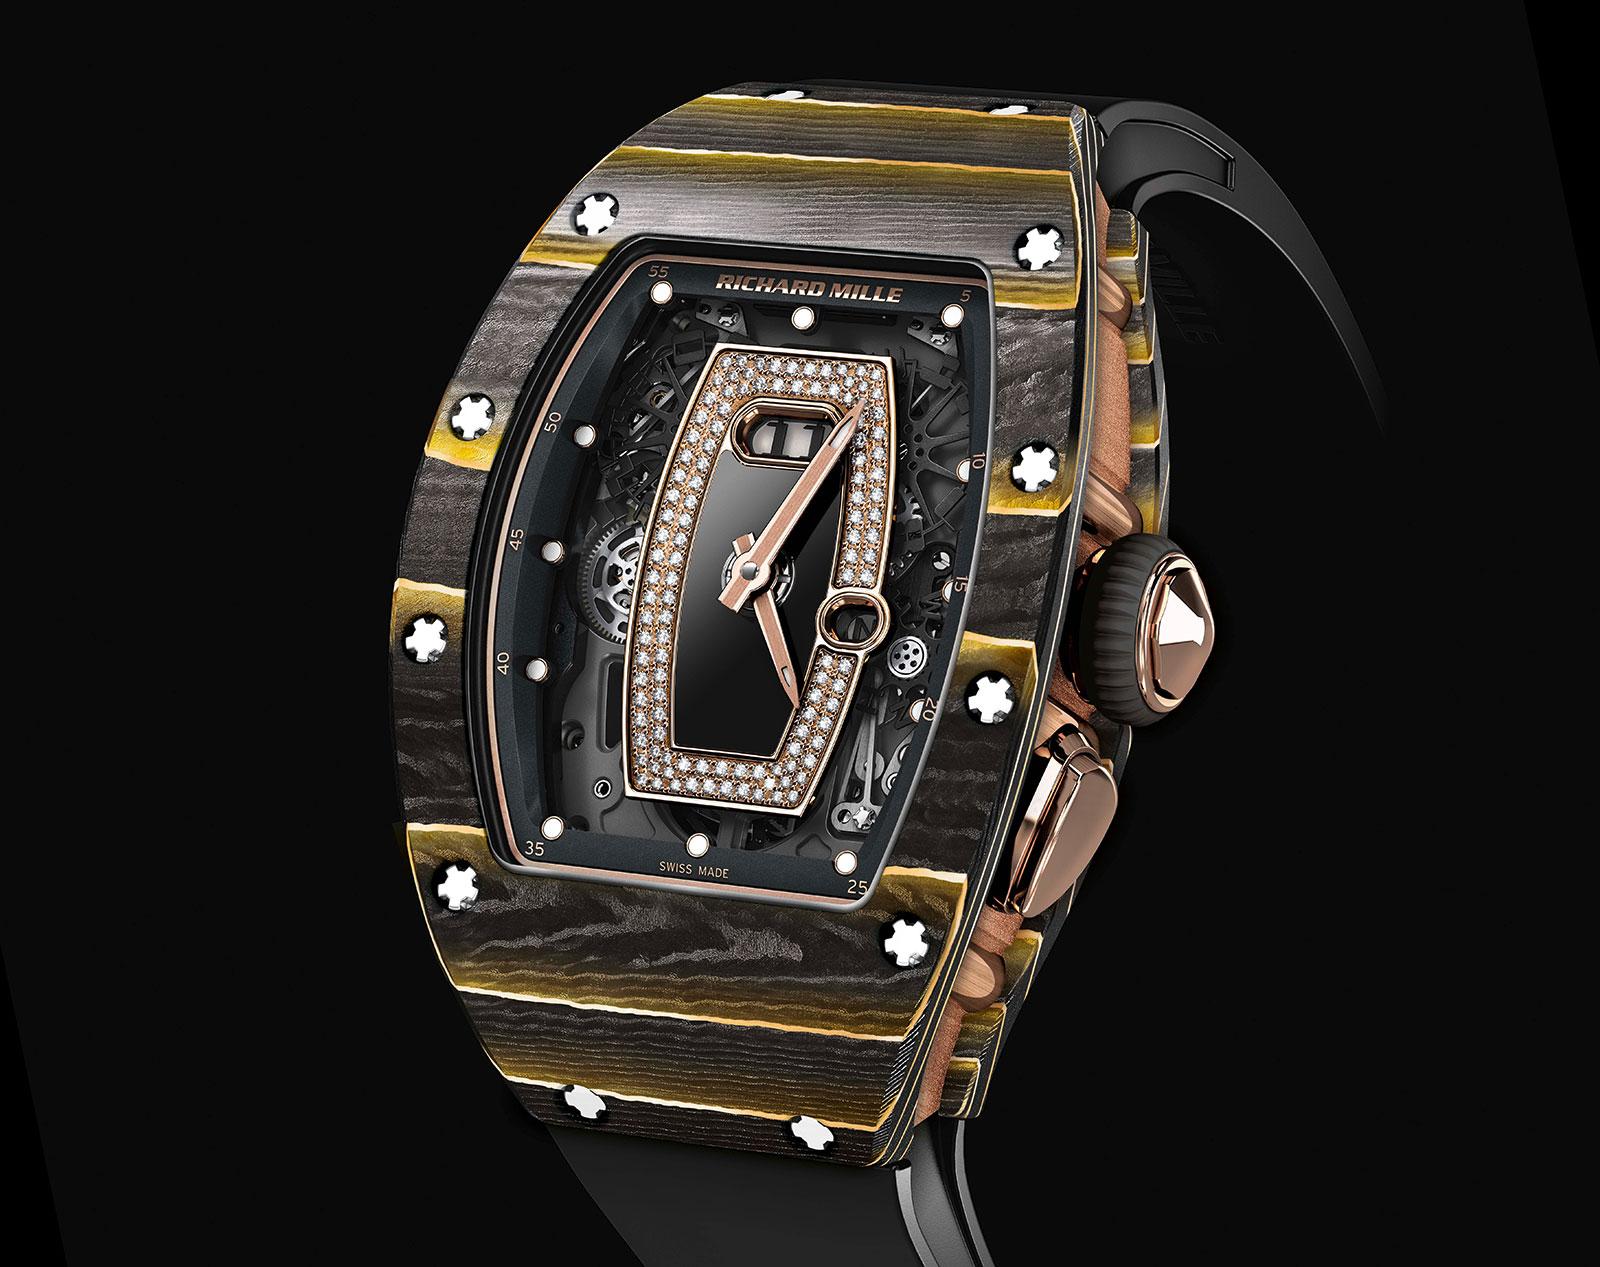 Richard-Mille-RM-037-Gold-NTPT-carbon